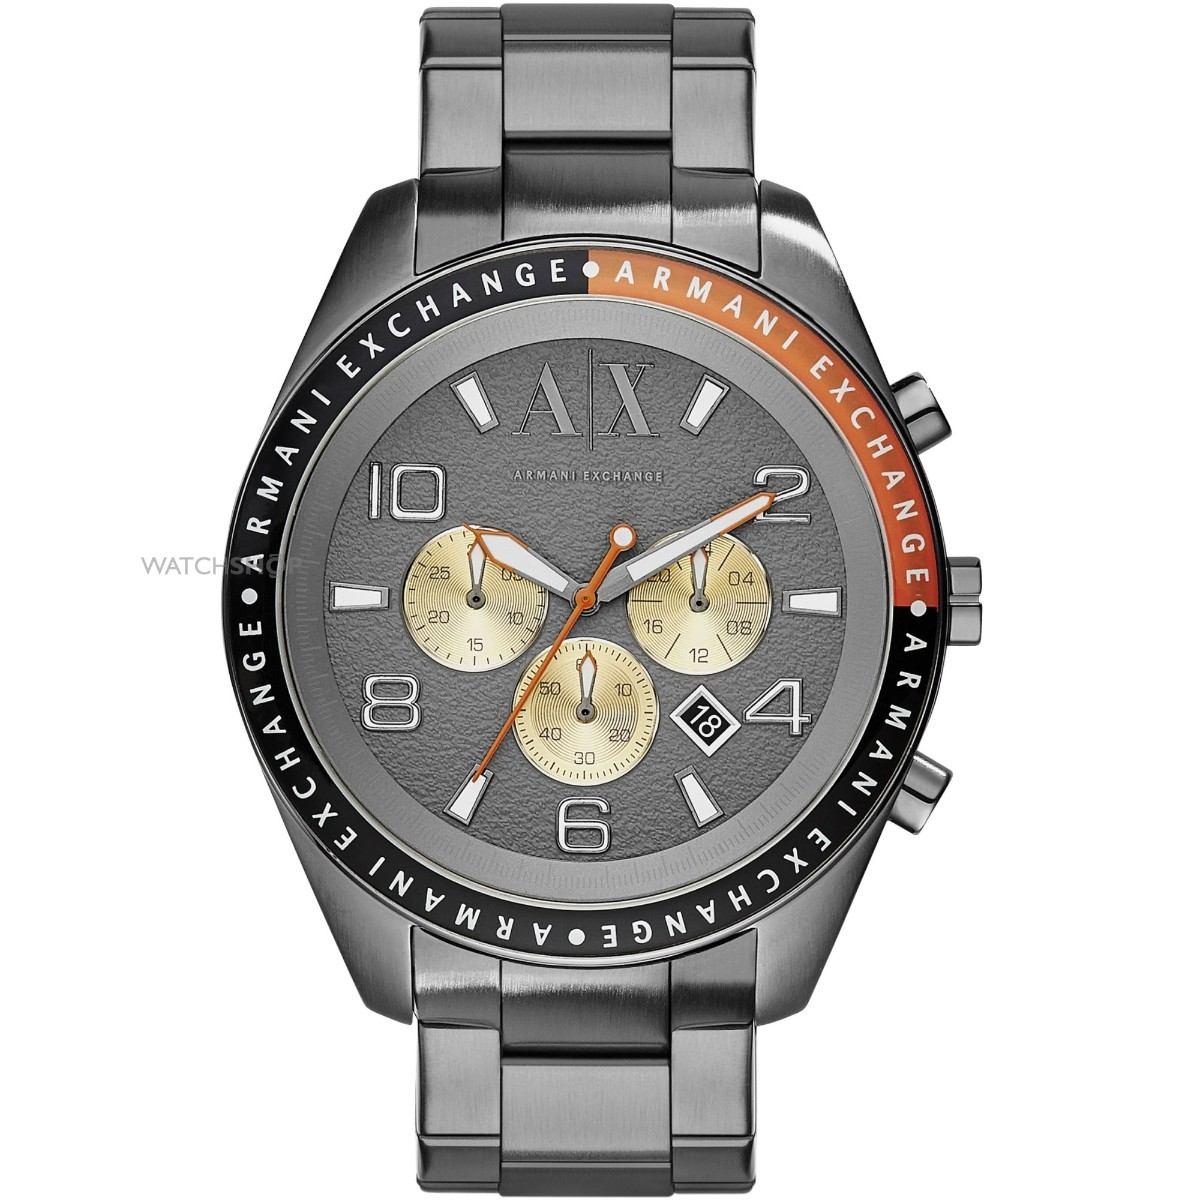 edd4f70da9c8 reloj armani exchange caballero modelo ax1256  3350 hm4. Cargando zoom.